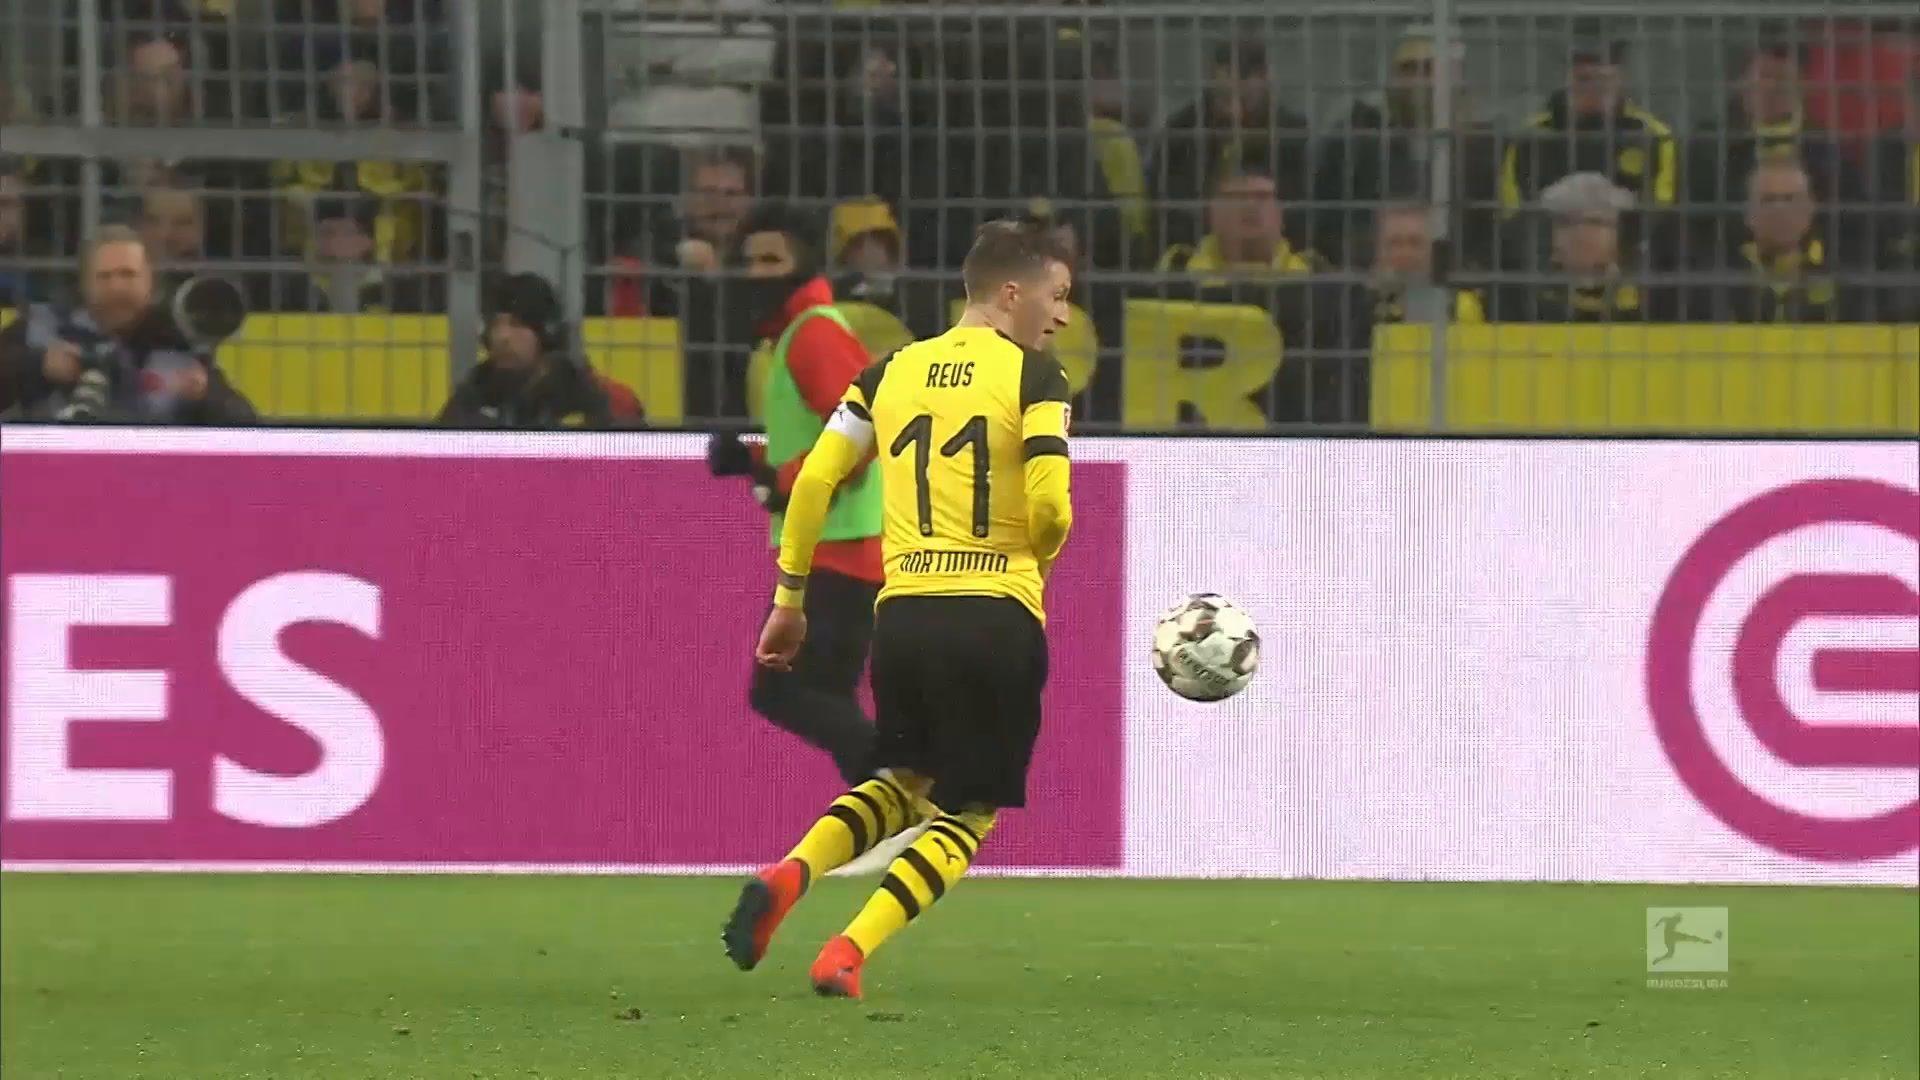 Calendario Bundesliga 2.Vea Los Trucos Magicos Y Goles De Marco Reus